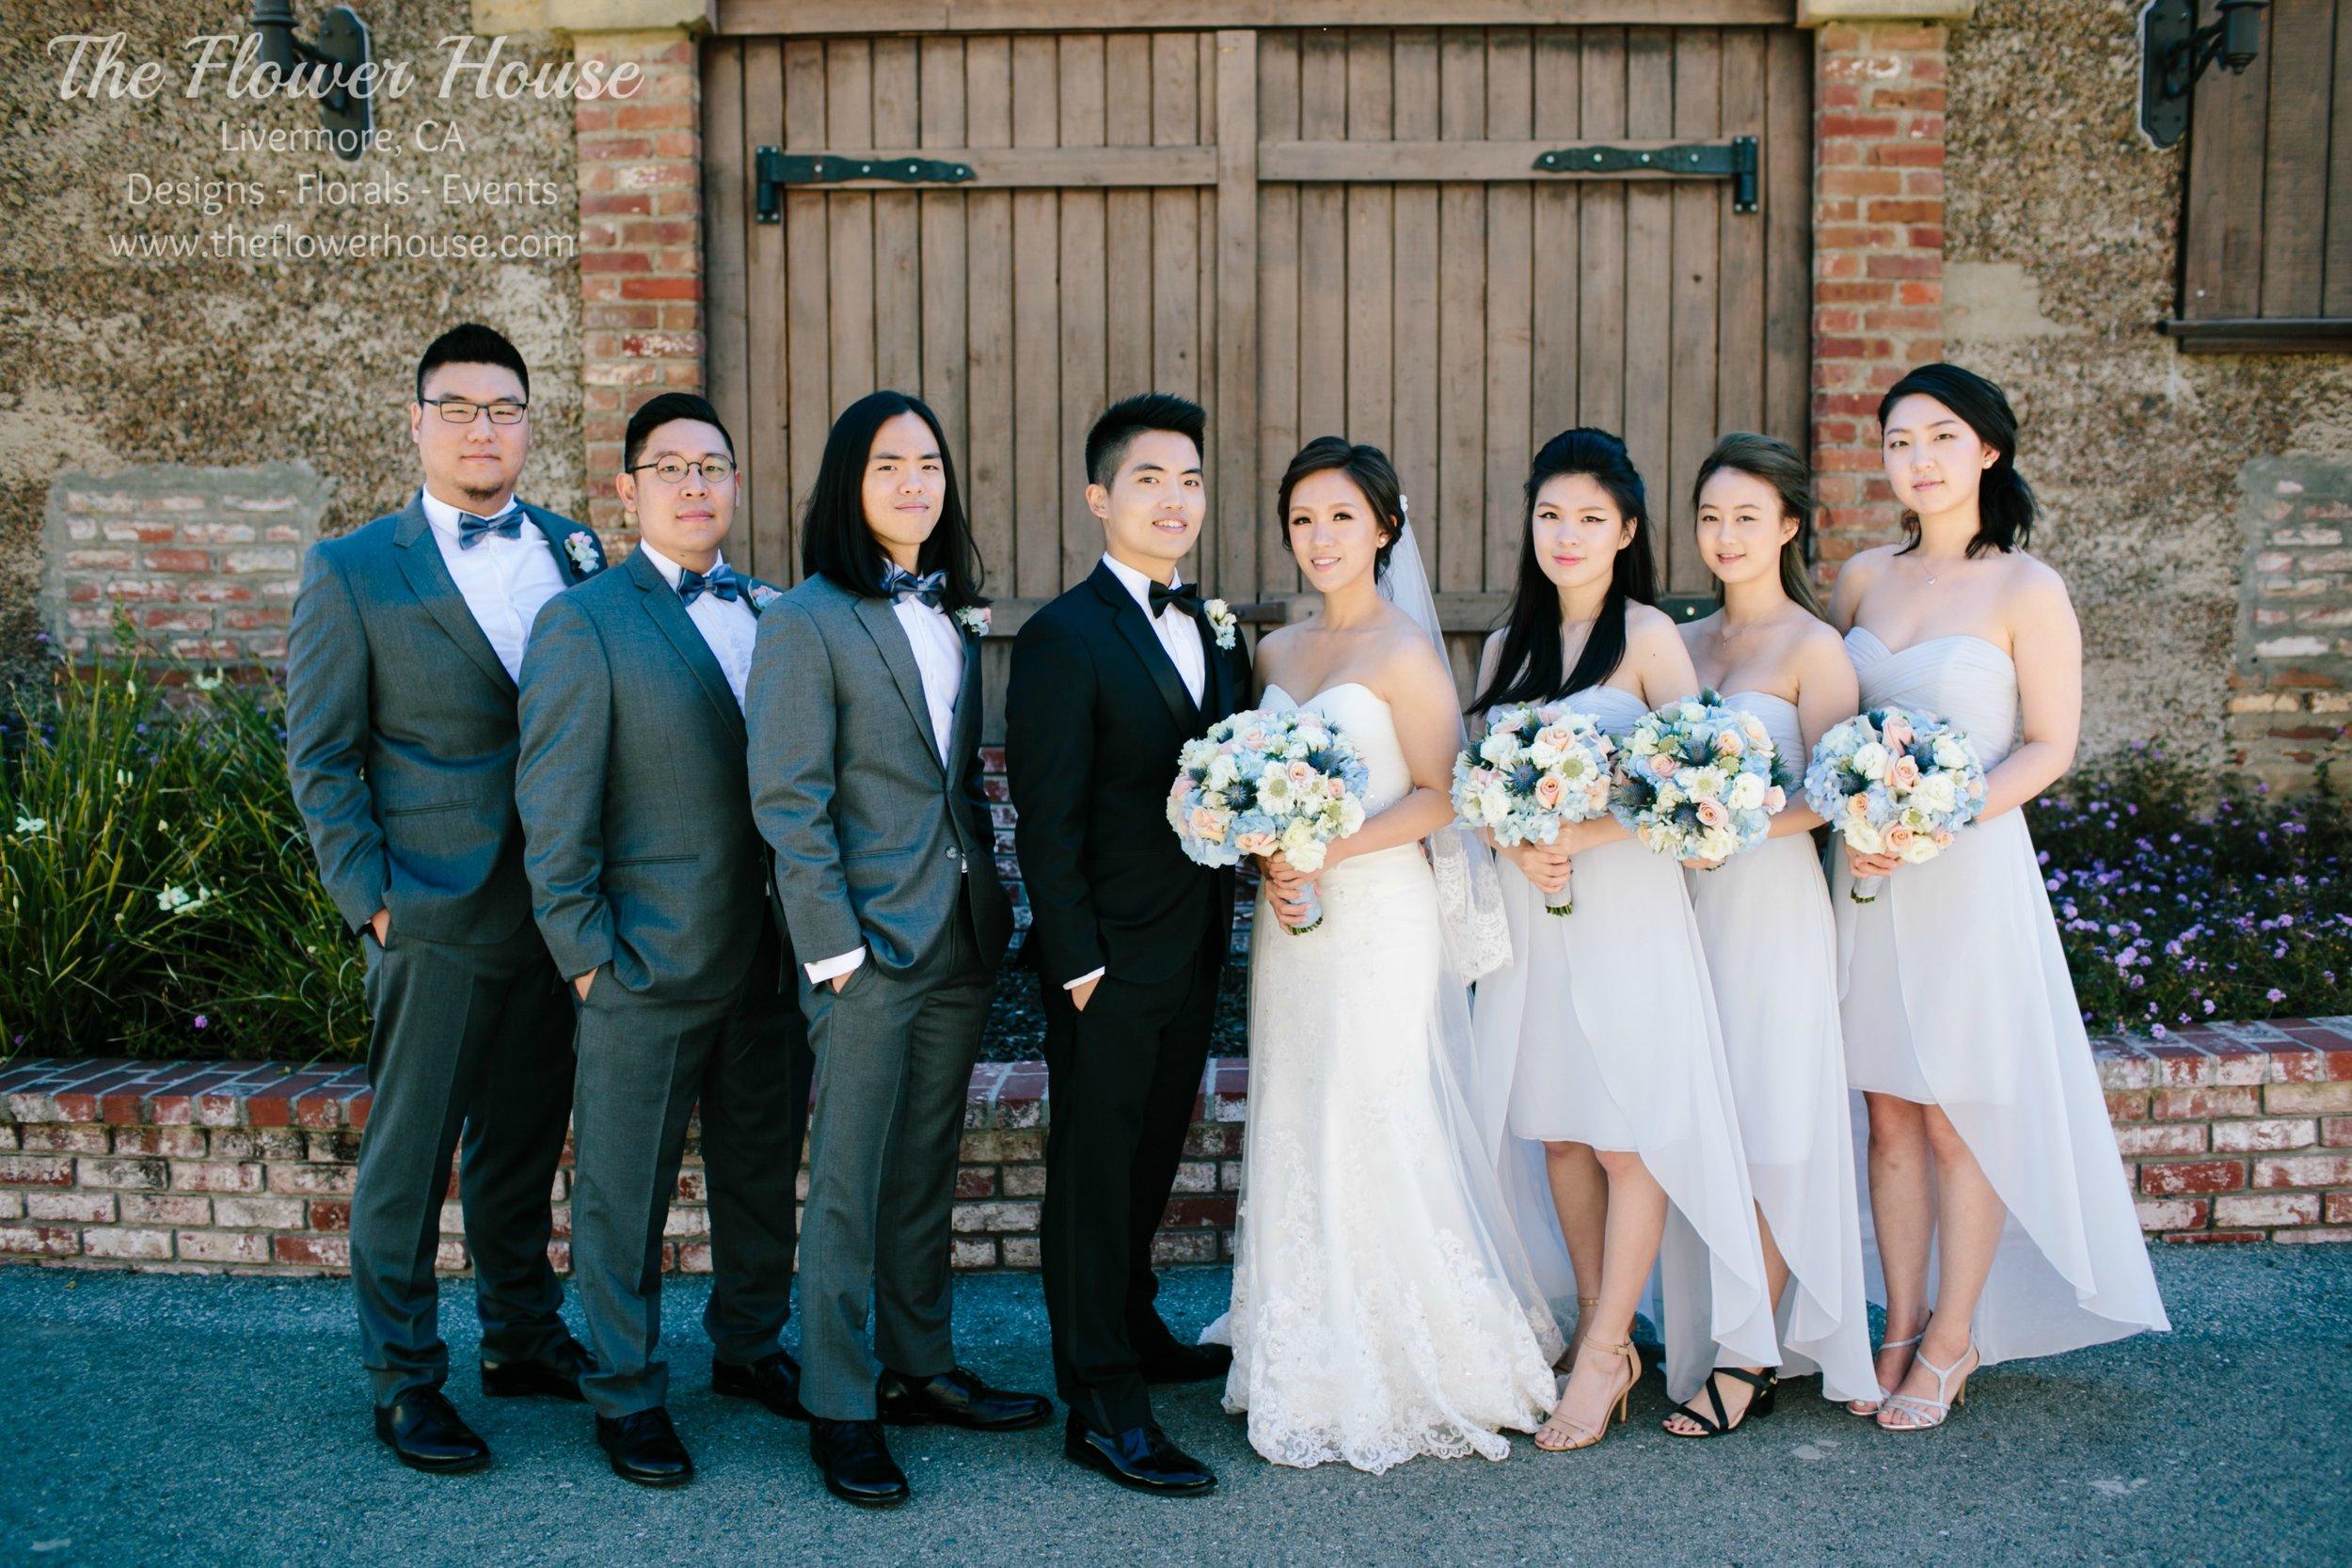 wmshuhuangwedding_bridalparty009.jpg